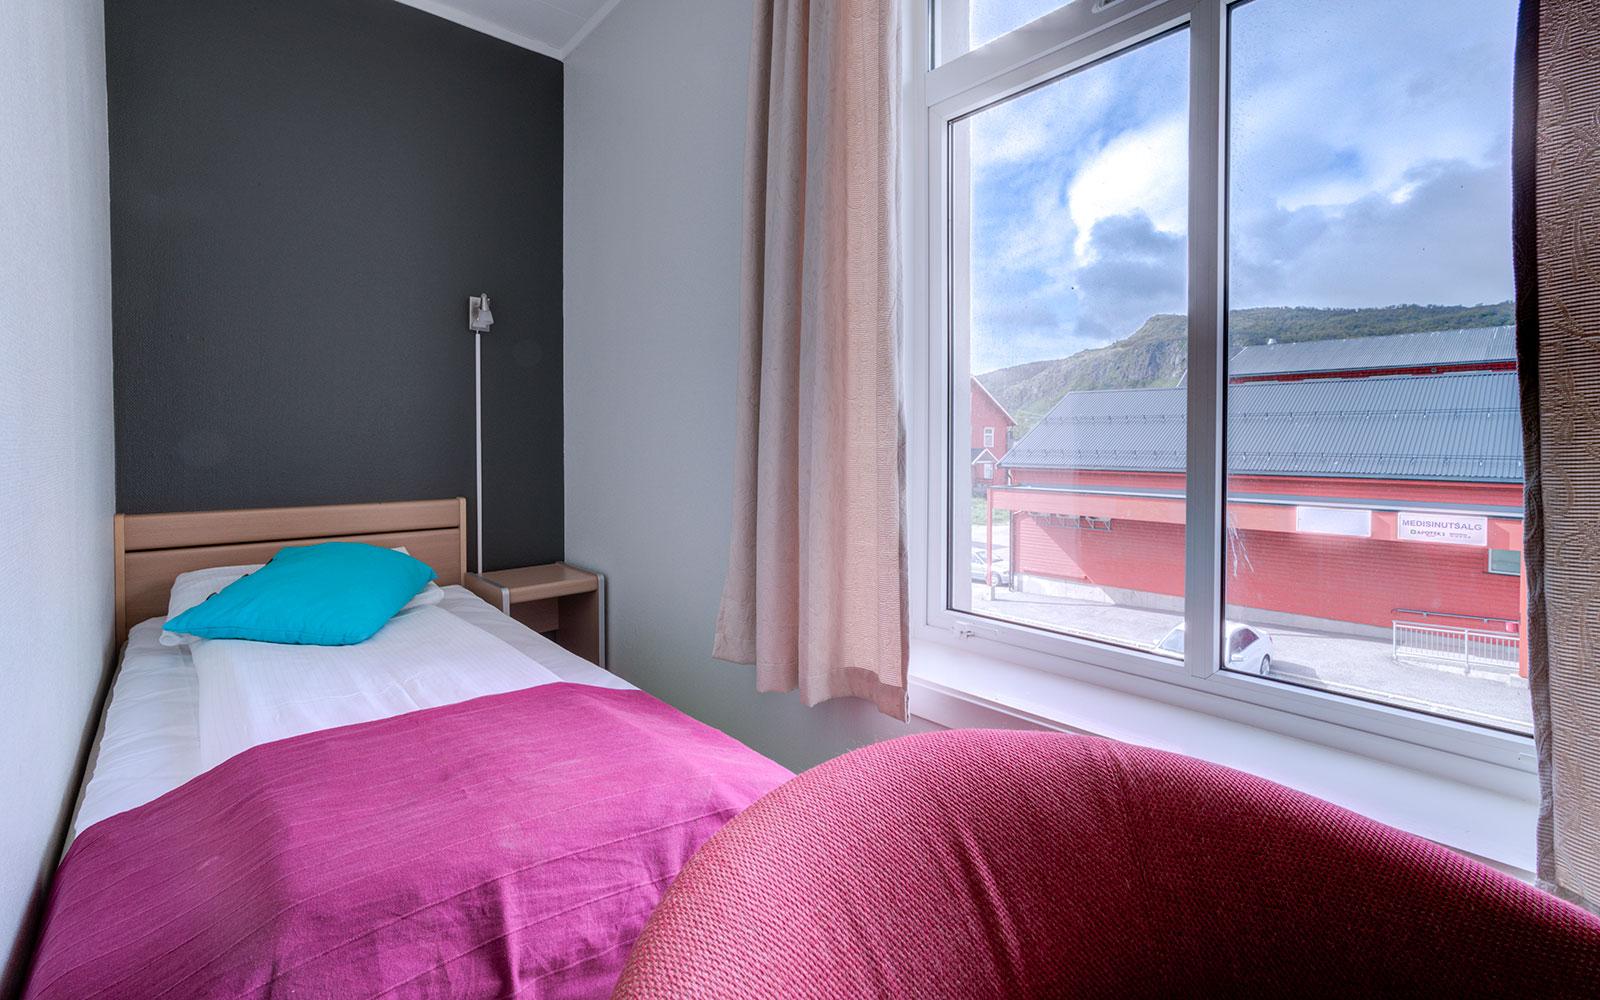 Melbu Hotell enkeltrom budget med utsikt